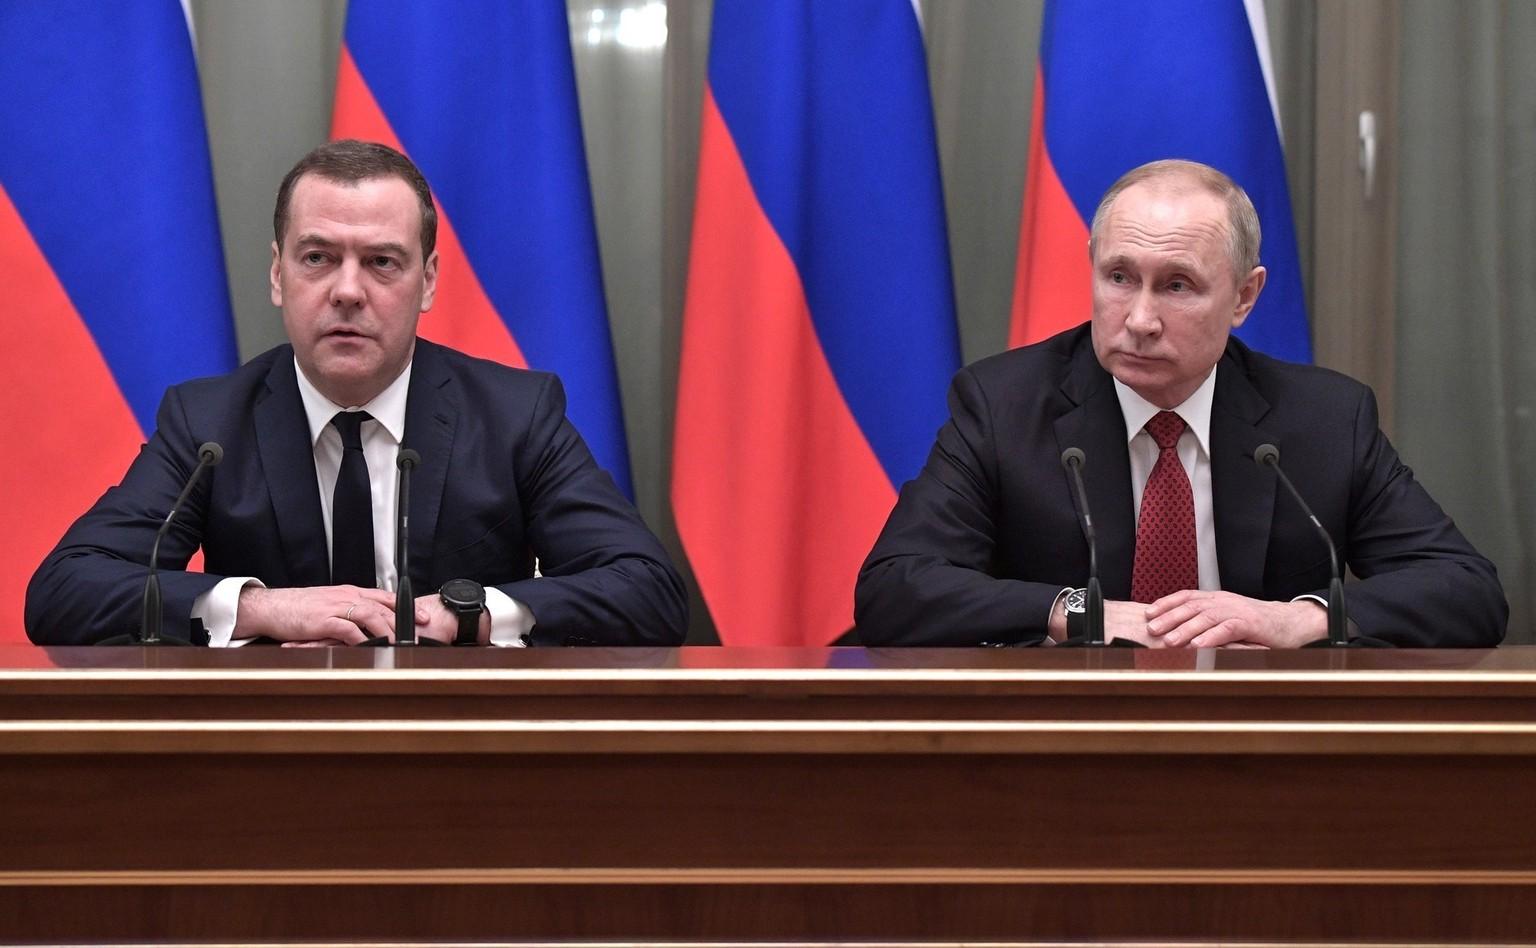 Putin Verfassungsreform Russland Putin Mochte Sich Straffreiheit Zusichern Lassen Watson